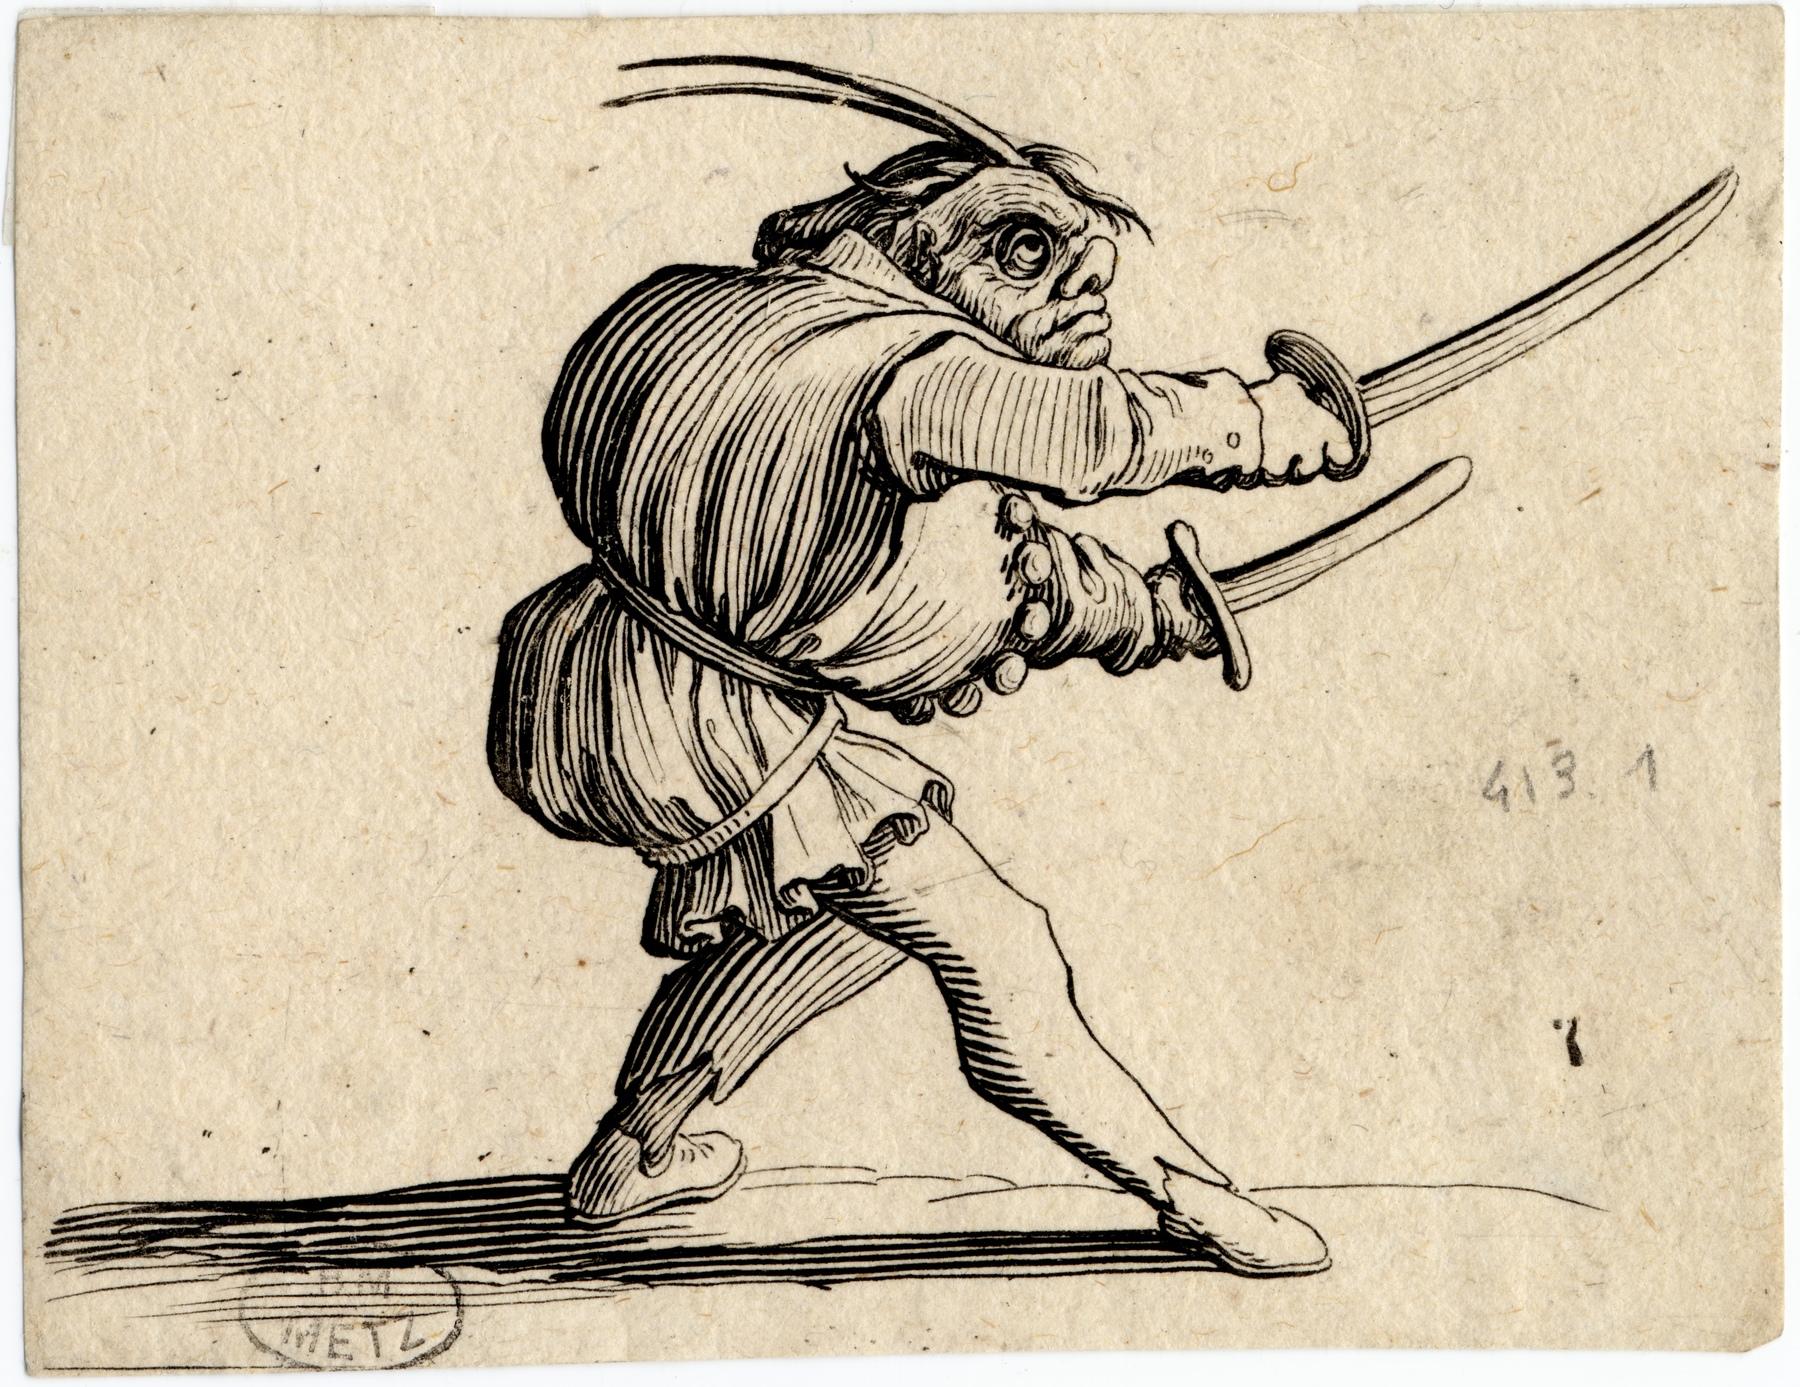 Contenu du Les Gobbi: Le duelliste aux deux sabres